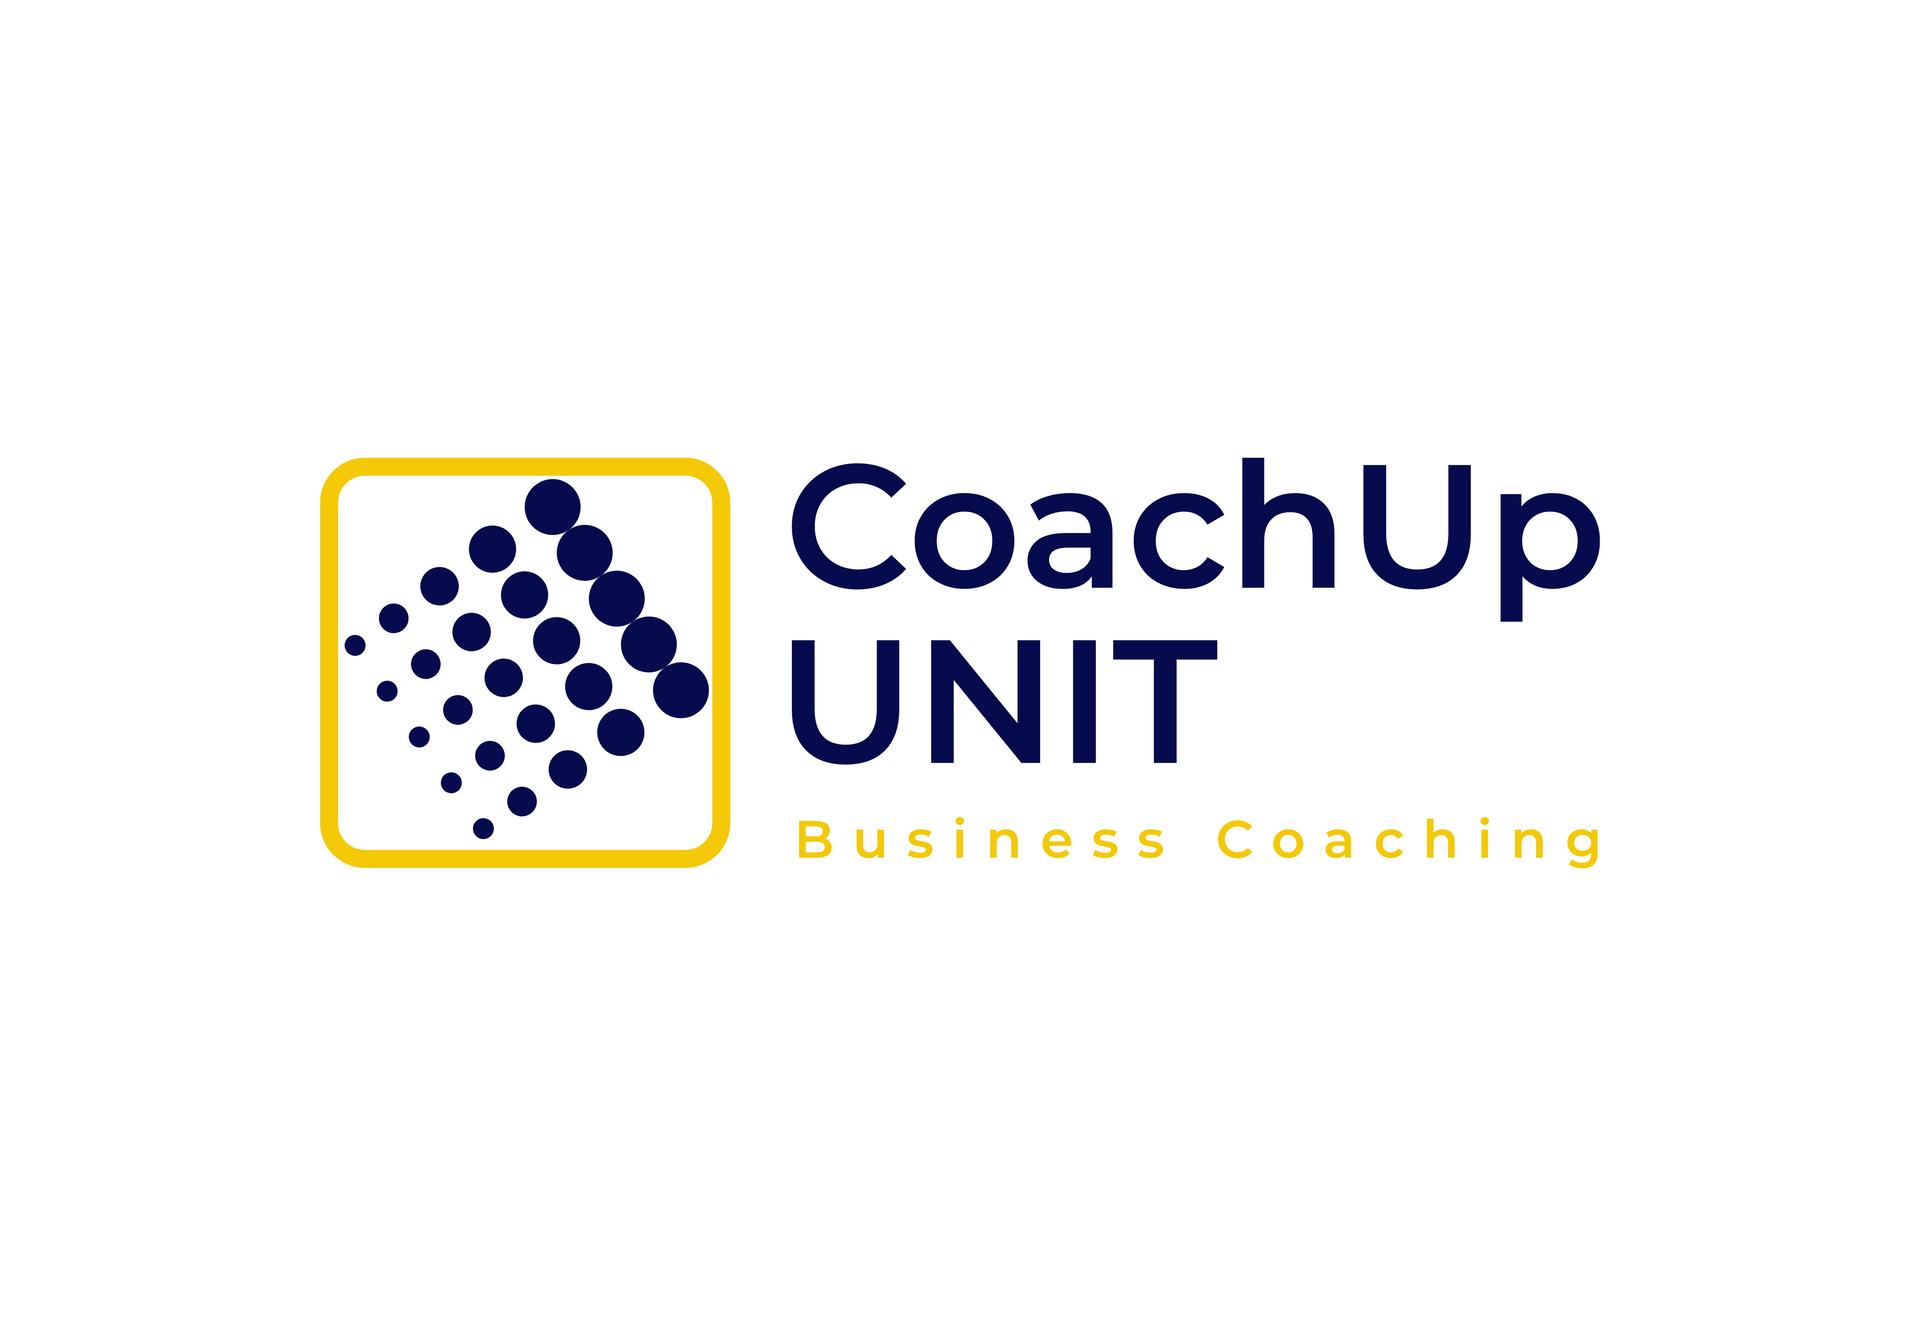 CoachUp UNIT